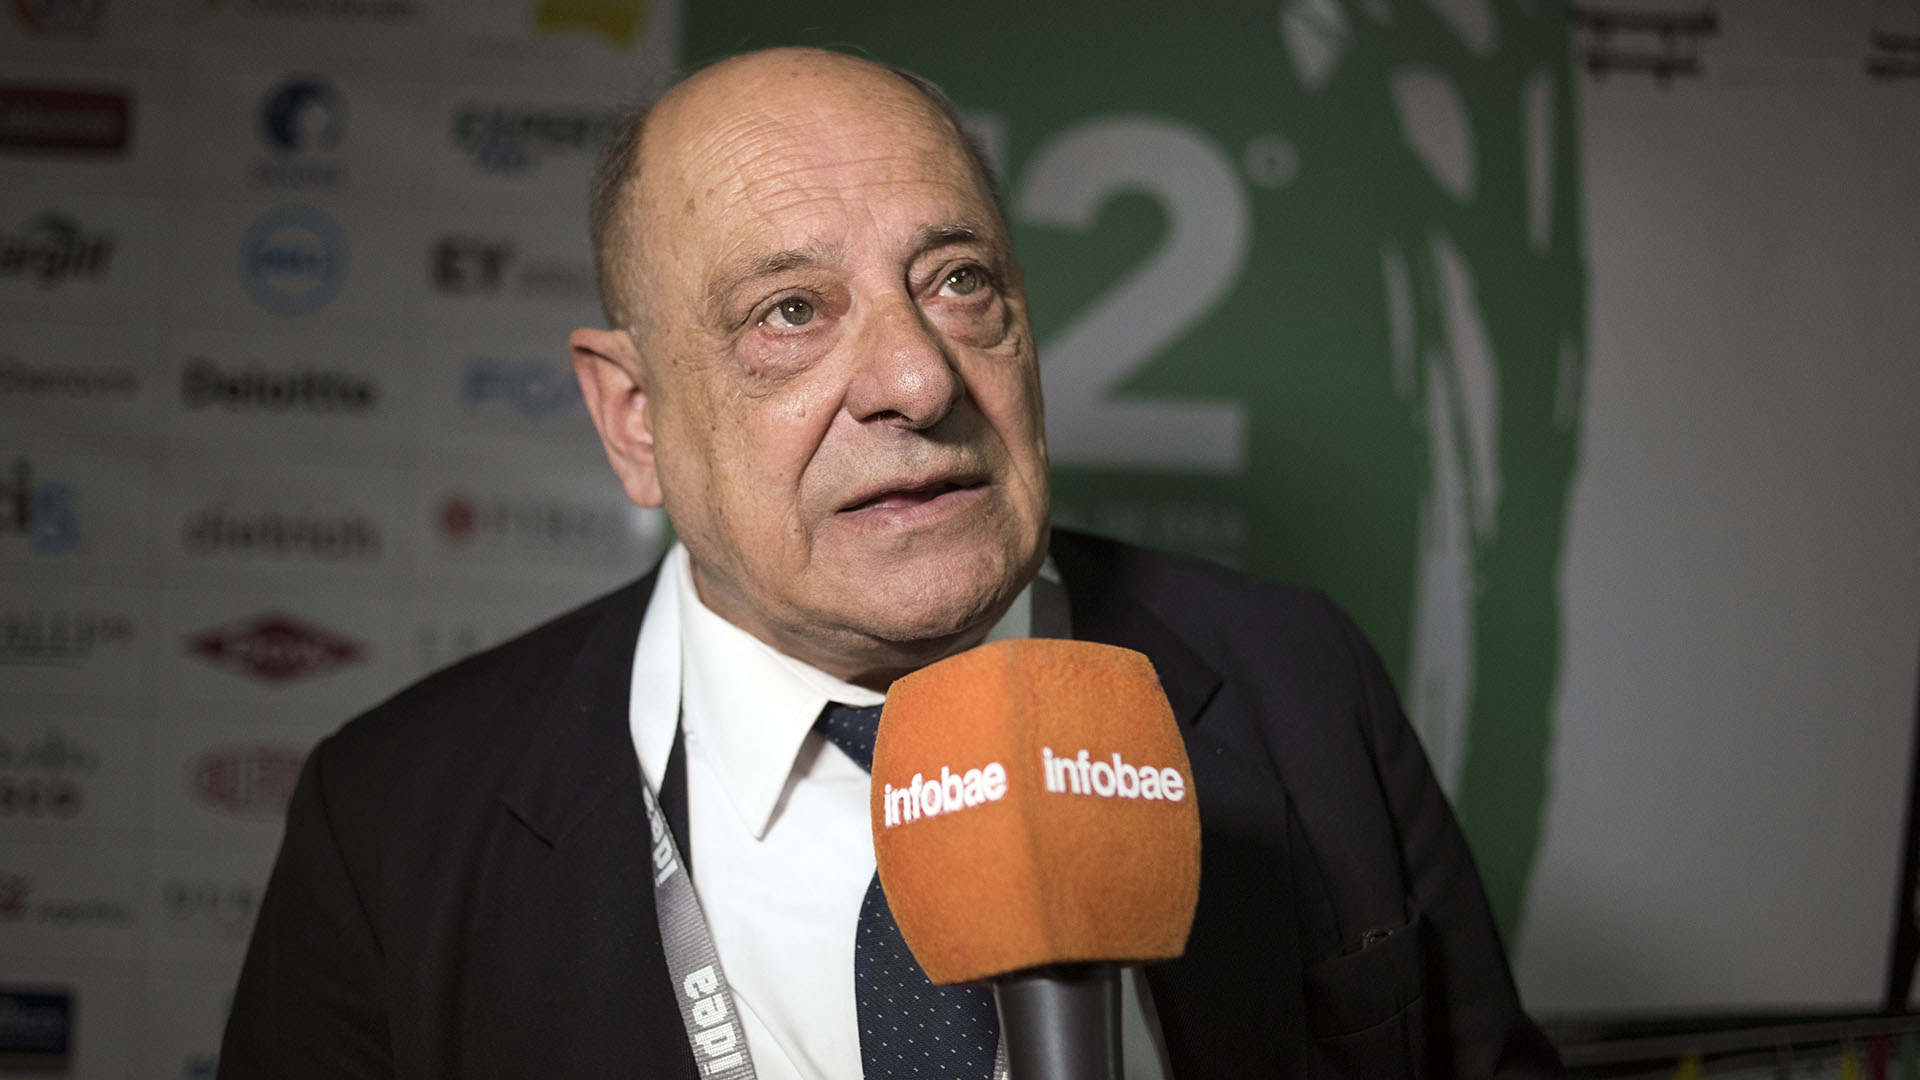 El intendente marplatense Carlos Fernando Arroyo